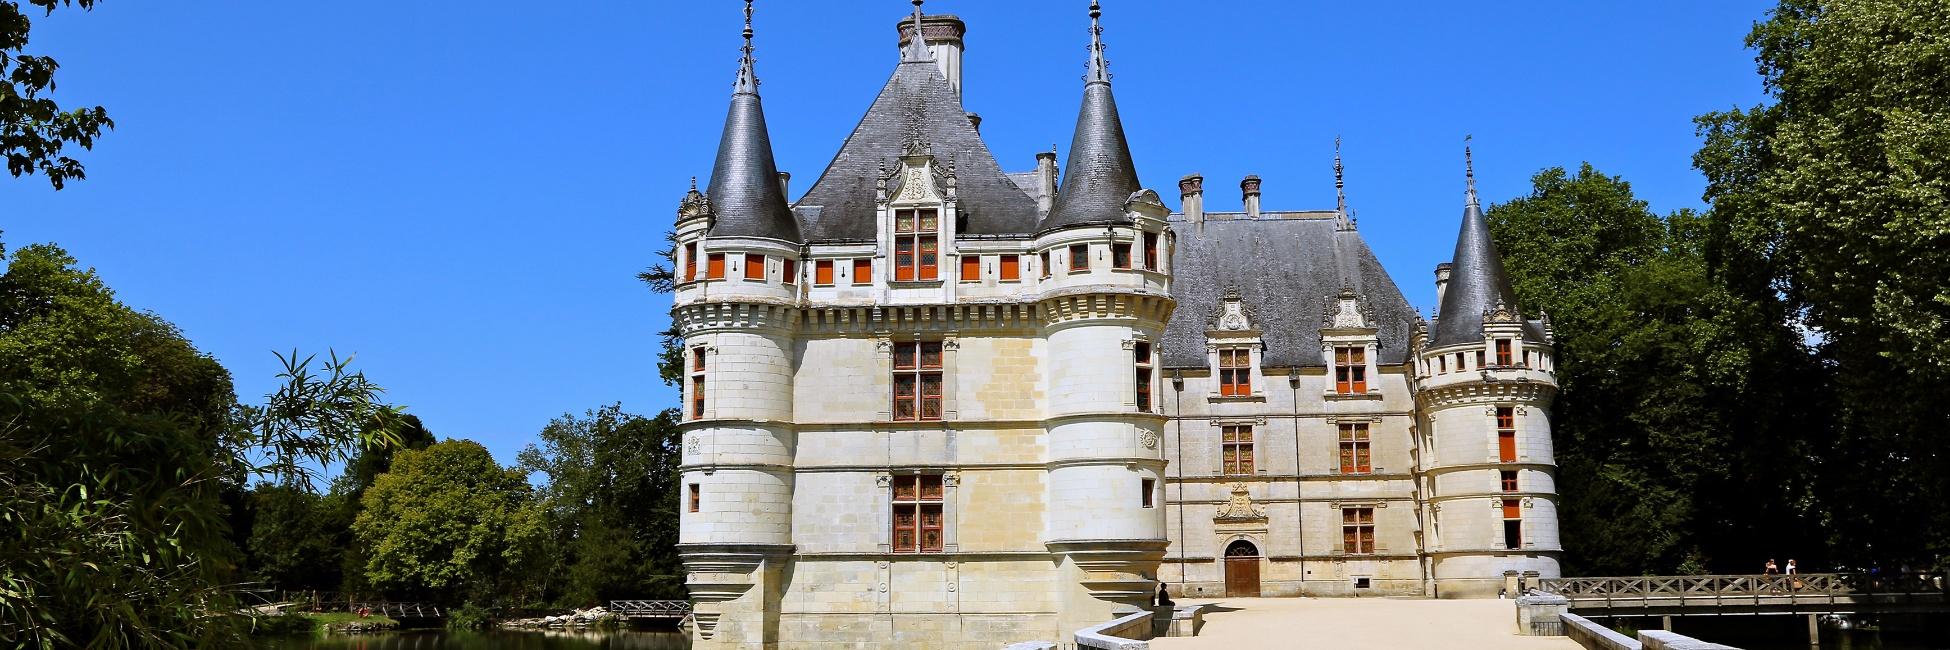 Journ e d 39 excursion aux ch teaux de la loire croisieurope - Chateau de la loire azay le rideau ...